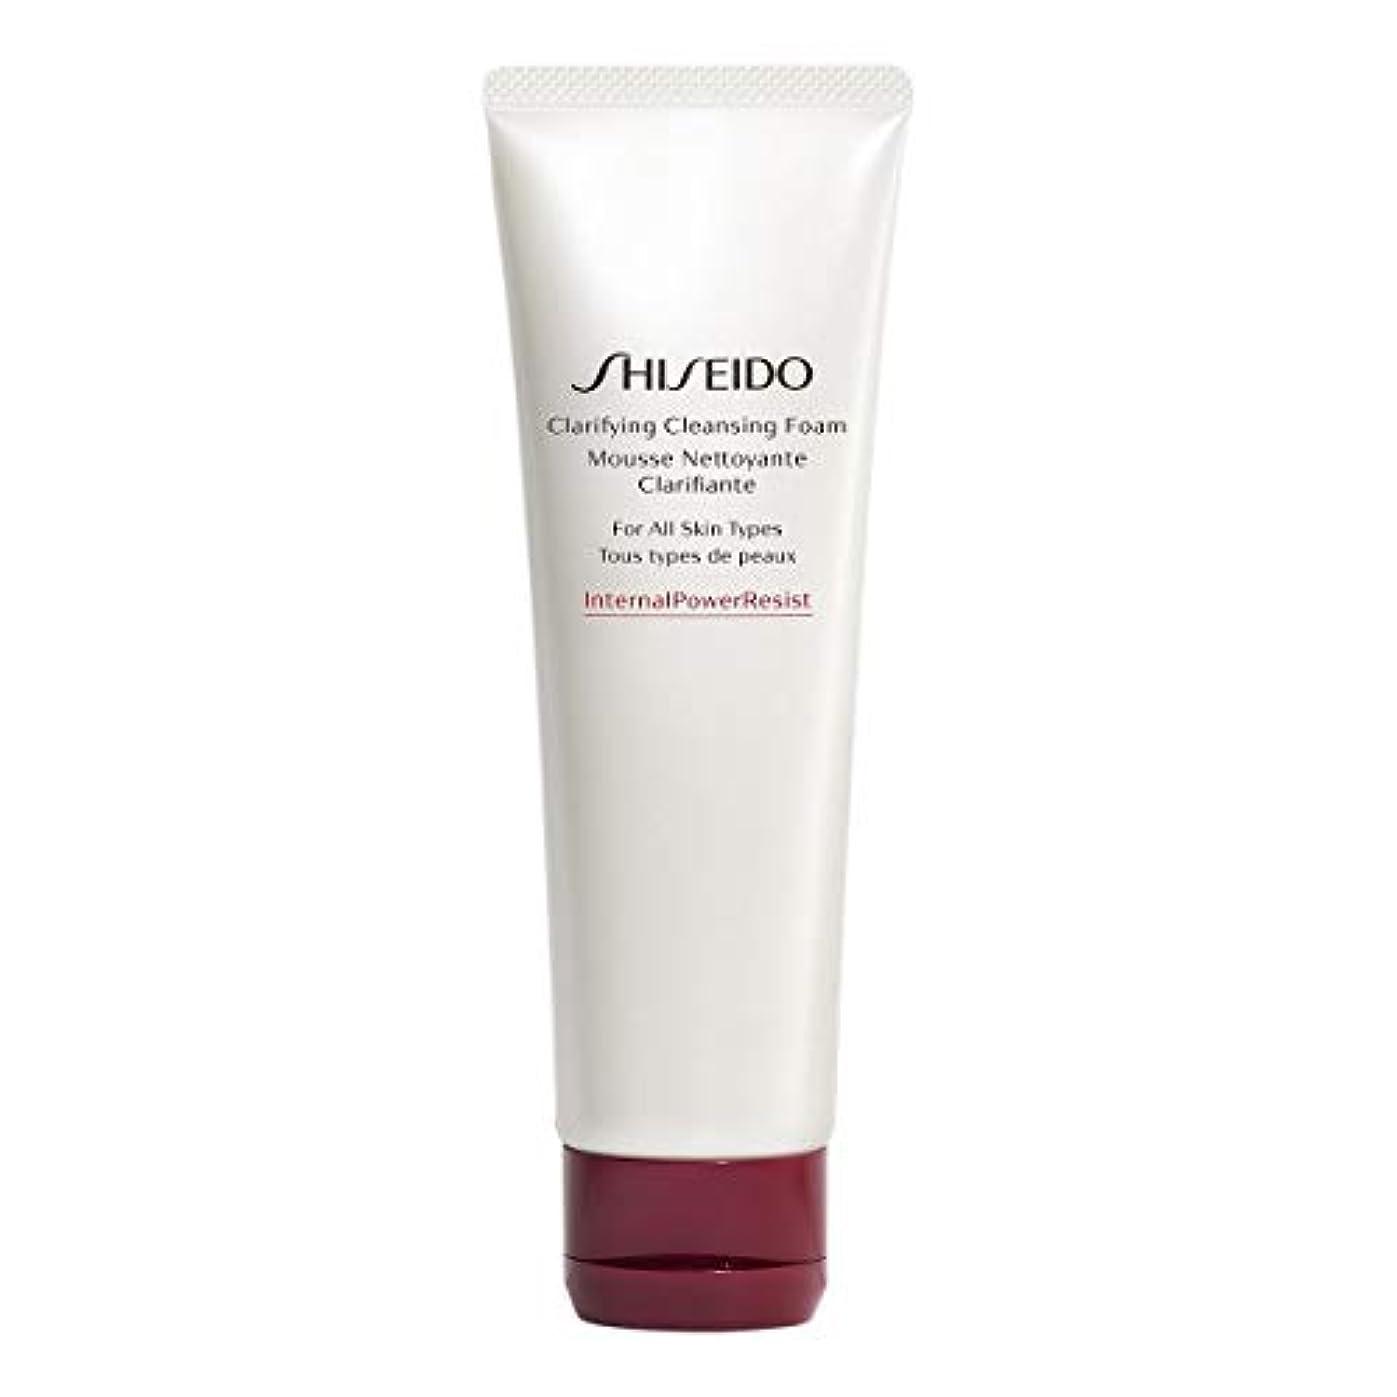 要塞矩形いう資生堂 Defend Beauty Clarifying Cleansing Foam 125ml/4.6oz並行輸入品